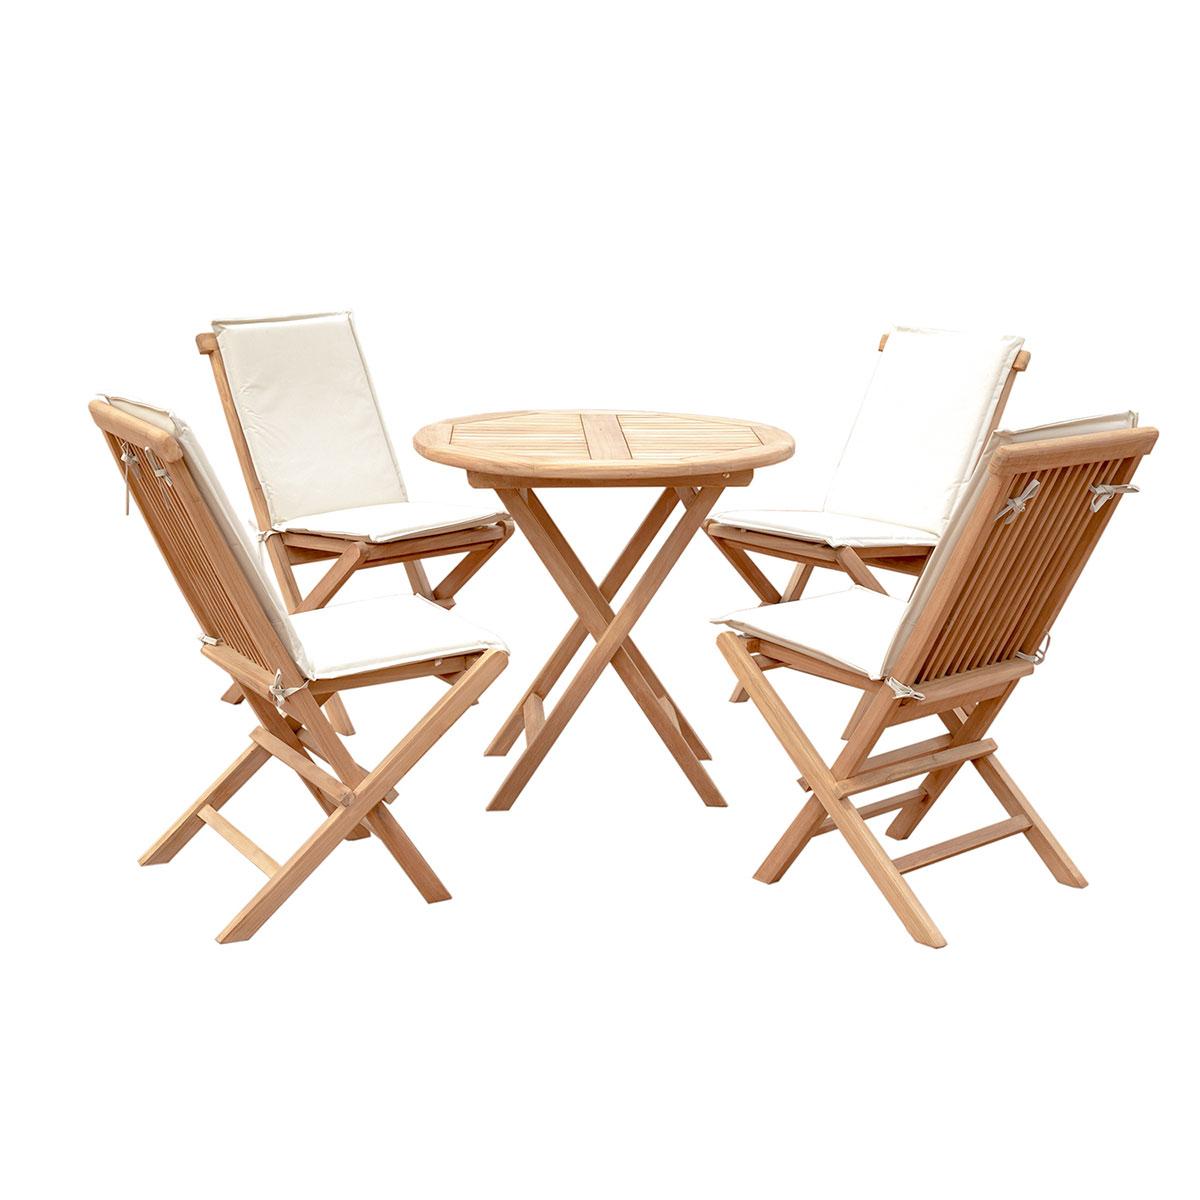 5er-Set Gartenmöbel aus Teak-Holz, Tisch Ø 80cm, 4x Klappstuhl mit ...